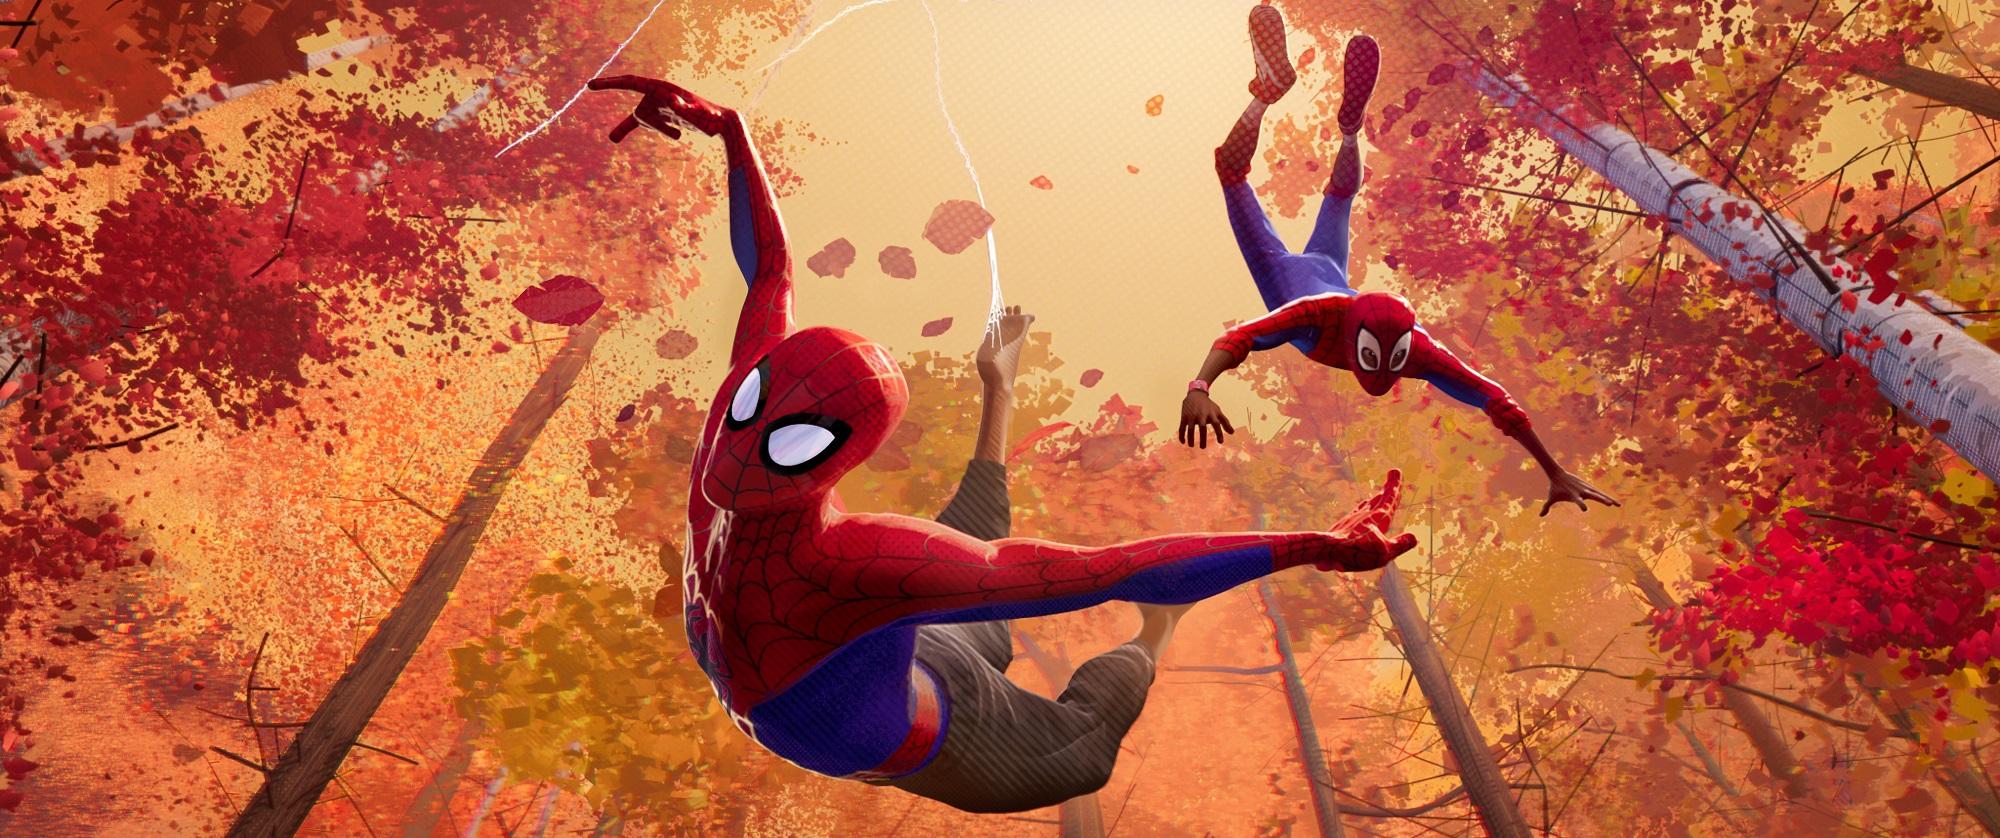 Pókember - Irány a Pókverzum – Az egyik legjobb Pókember-film!!!